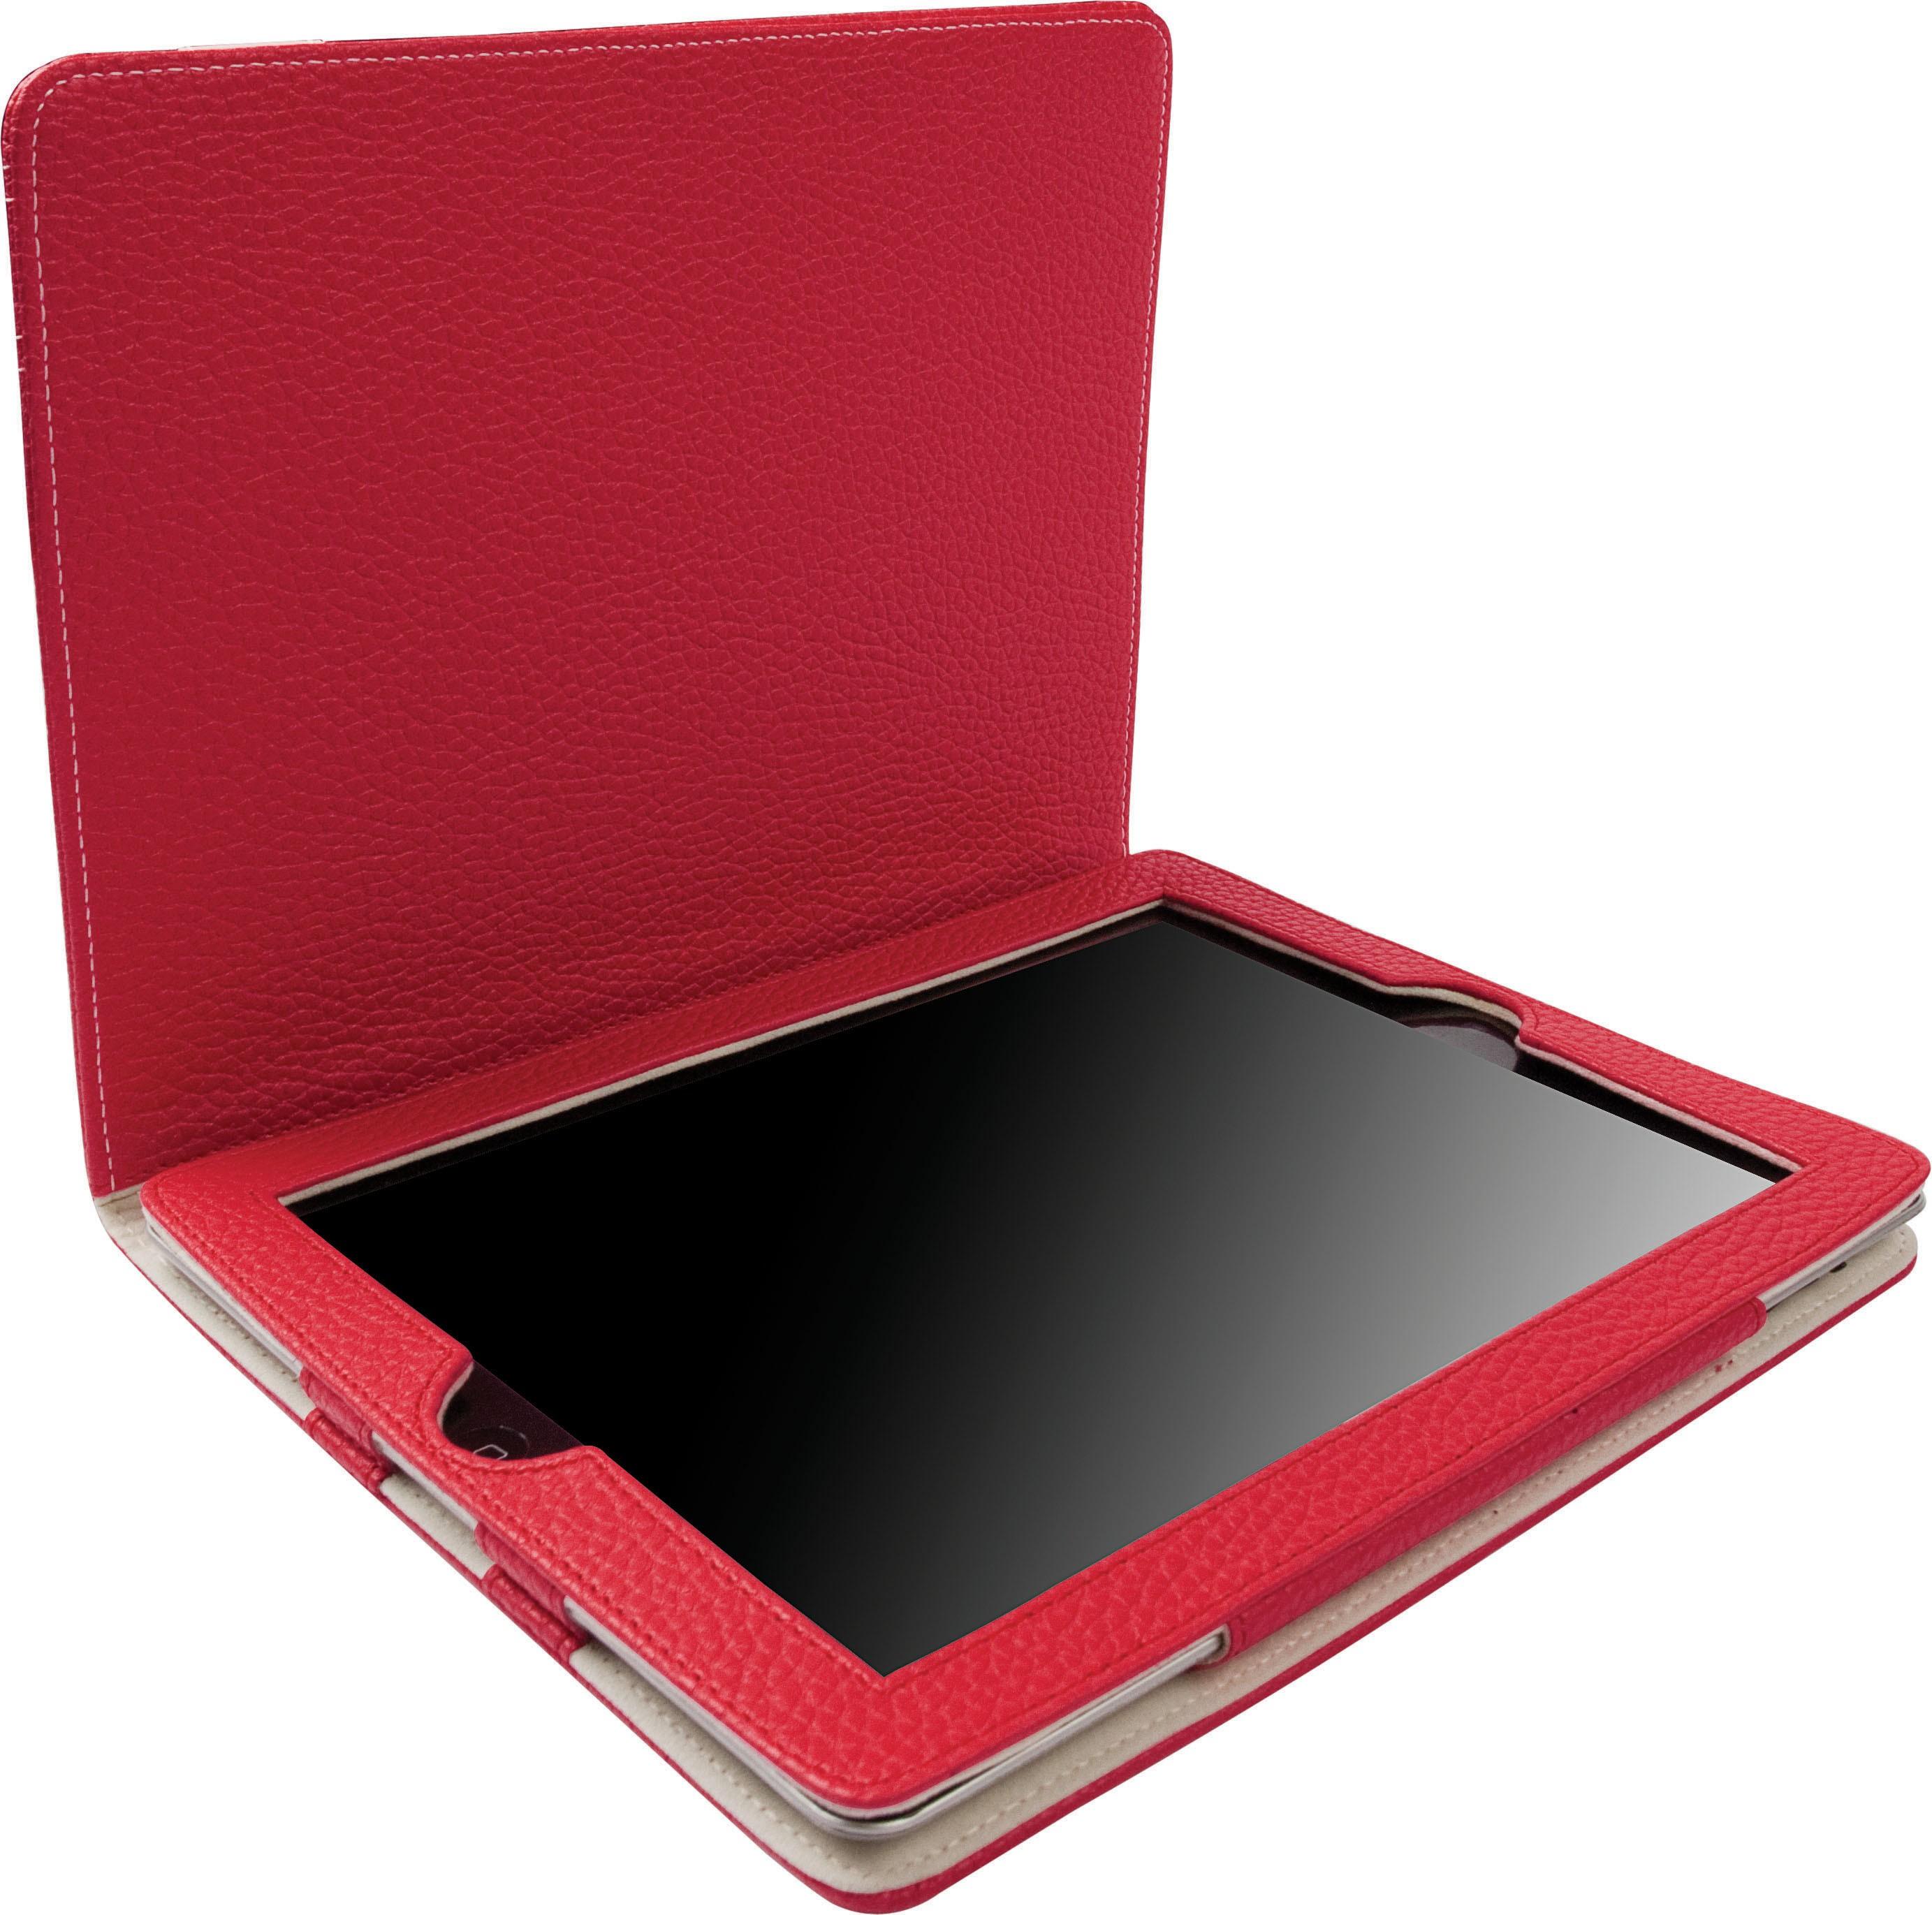 Krusell Gaia iPad 2 / 3 / 4 Tablet Case - Rød